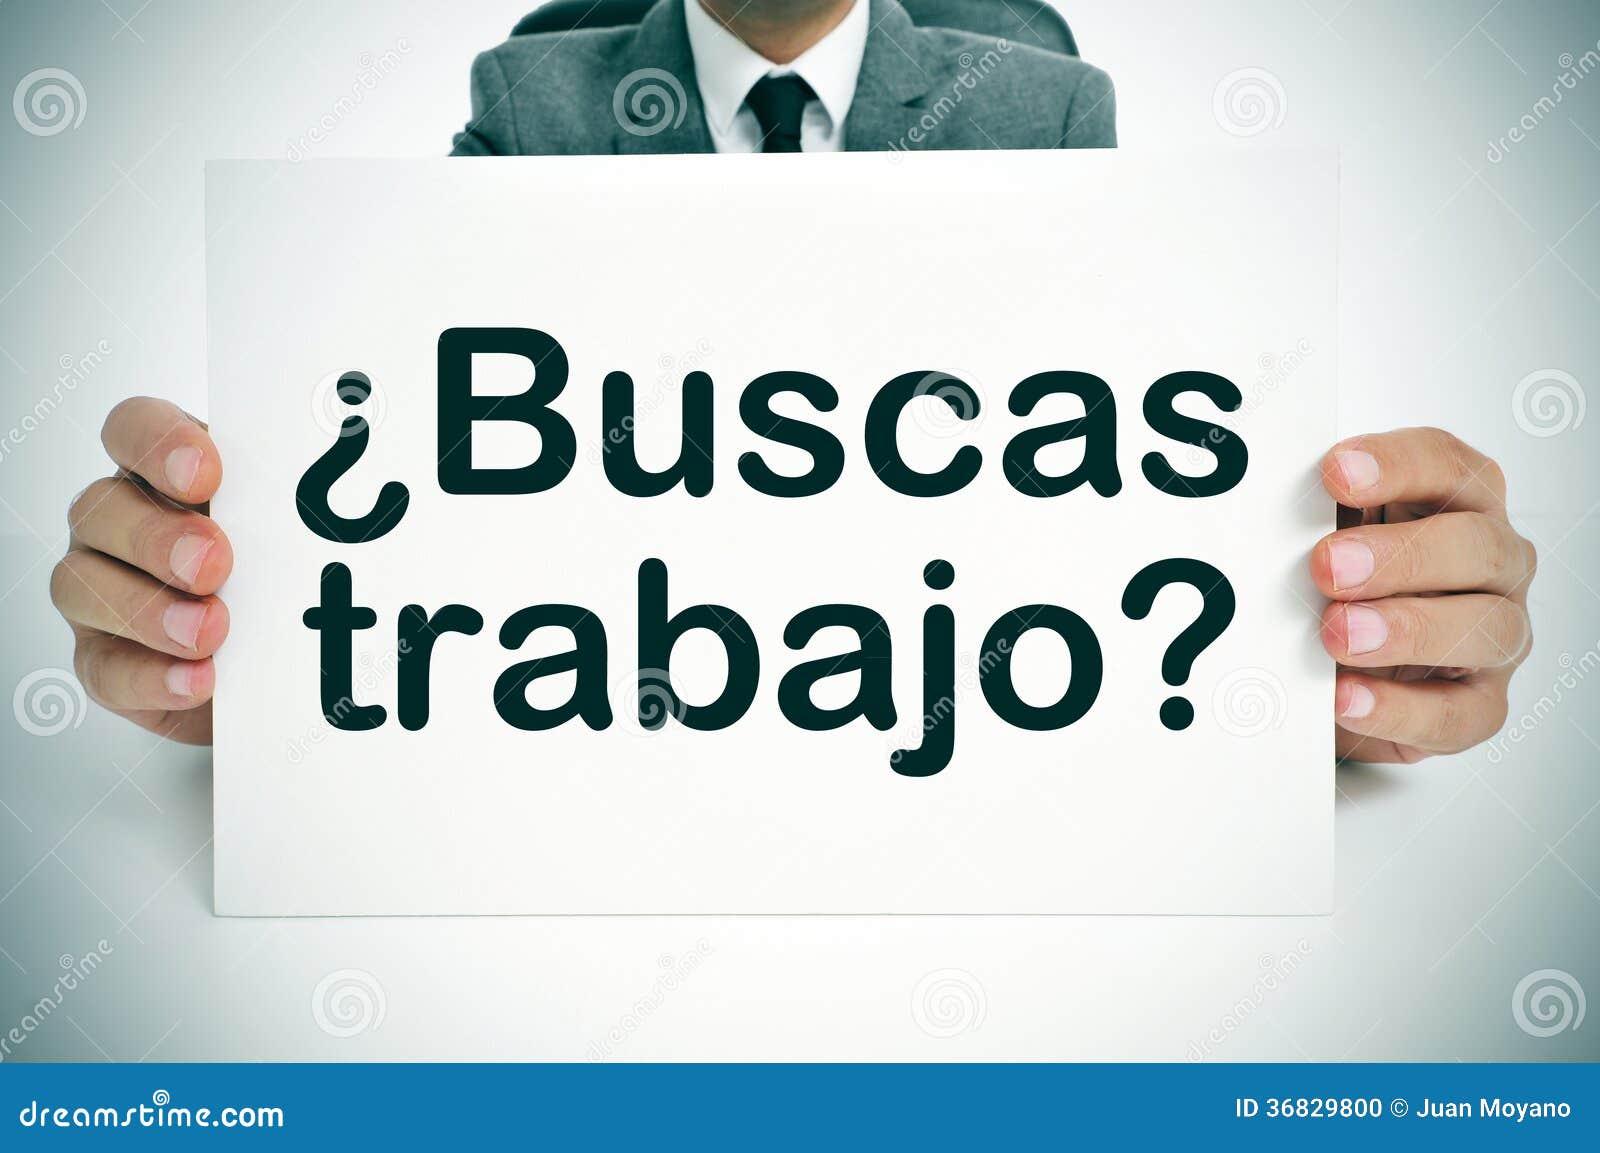 ¿Trabajo de Buscas? ¿usted está buscando un trabajo? escrito en español